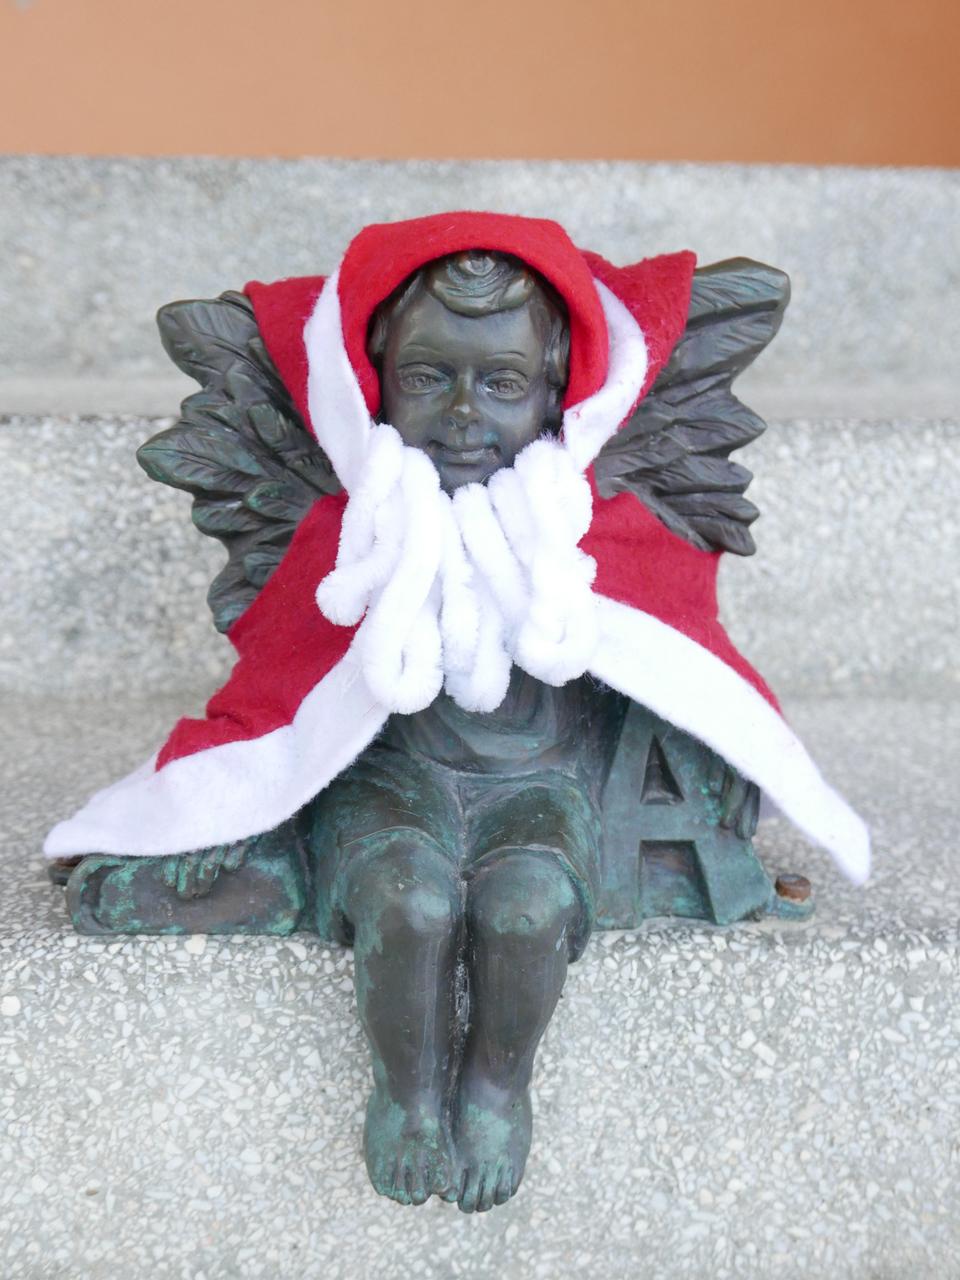 Aniołek Gabryś w zimowej pelerynce.jpeg